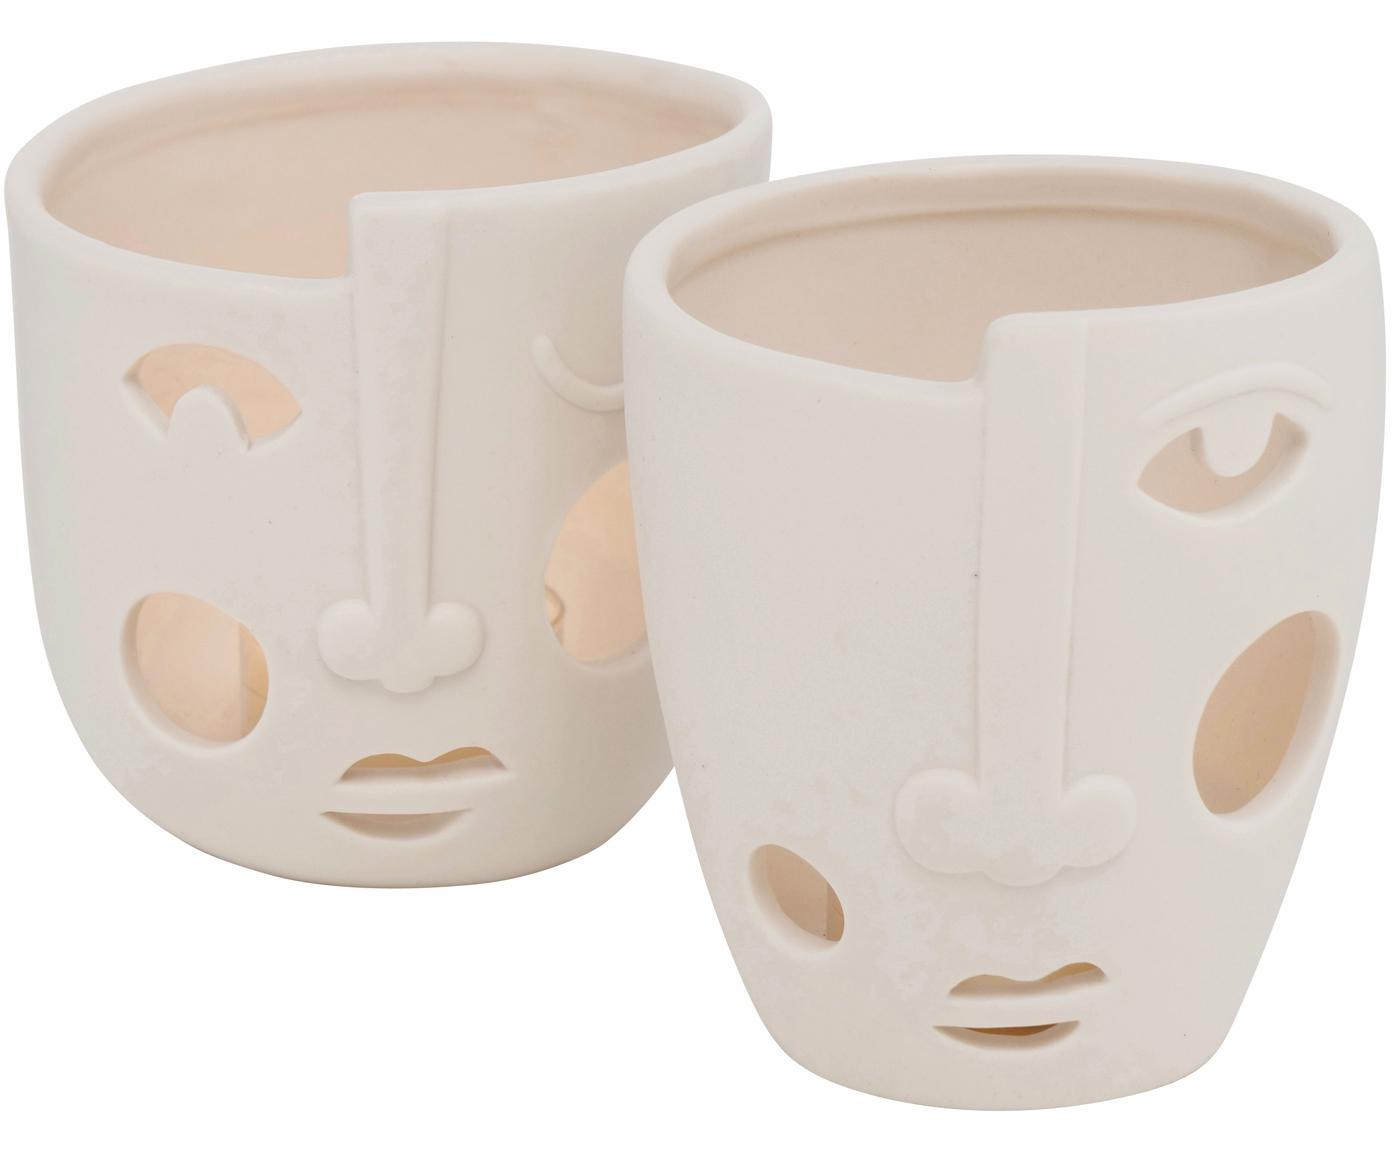 Teelichthalter-Set Faces, 2-tlg., Porzellan, Weiß, Ø 9 x 9 cm